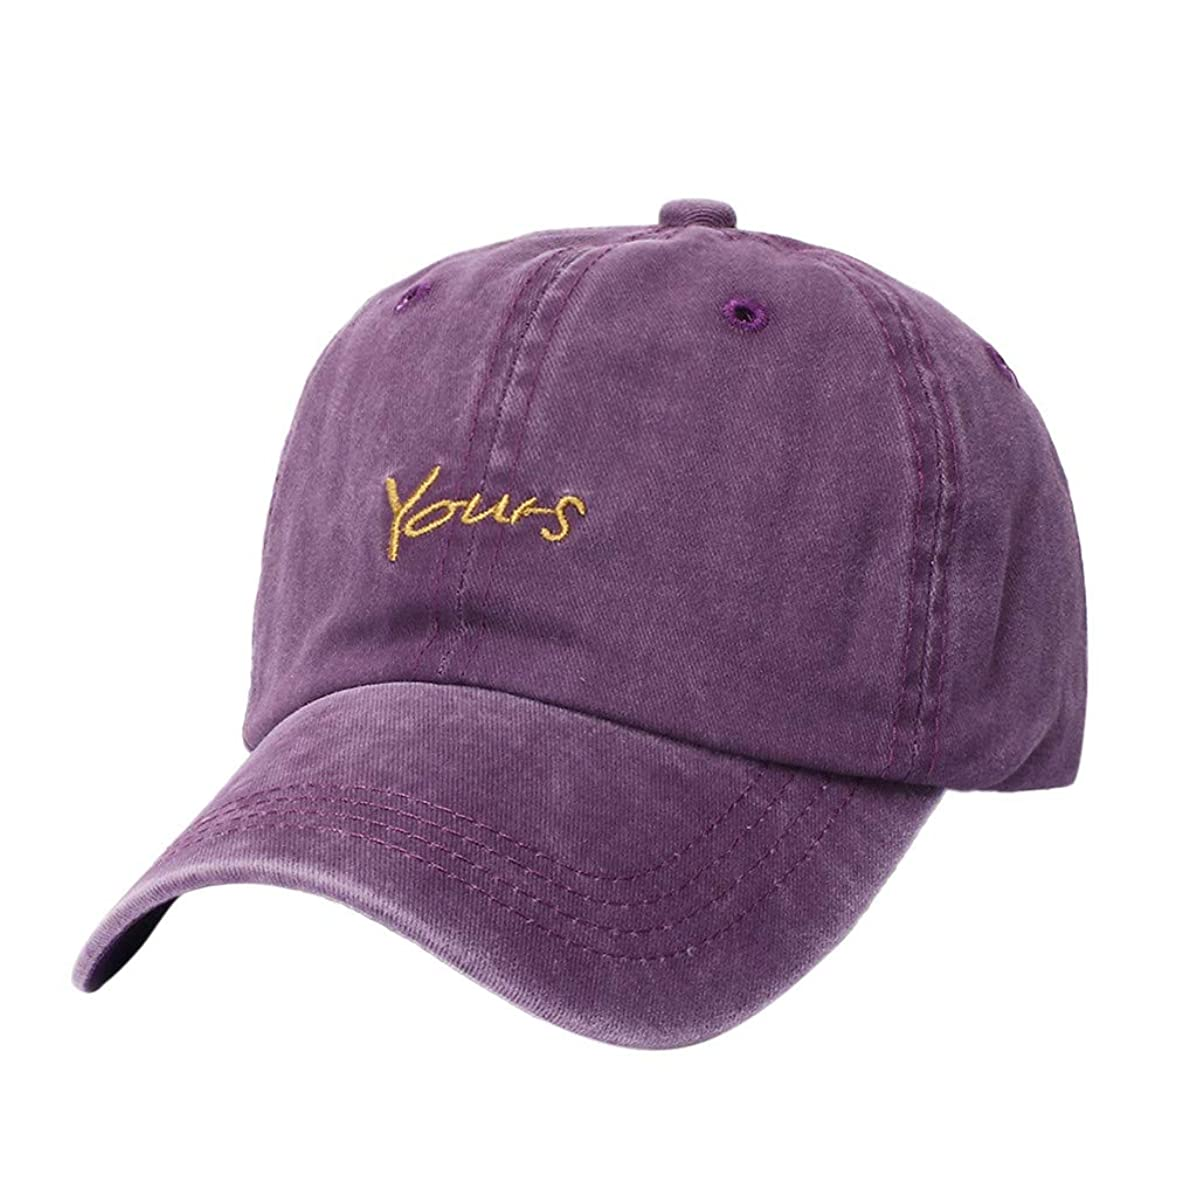 先入観生産性使い込むレンコス(Lemcos) 野球帽、2019男性女性刺繍野球帽サマーキャップヒップホップ帽子調節可能なアウトドアスポーツ 運動 スポーツ帽子 野球 釣り 遠足 活動帽子 柔らかい 速乾性 通気性